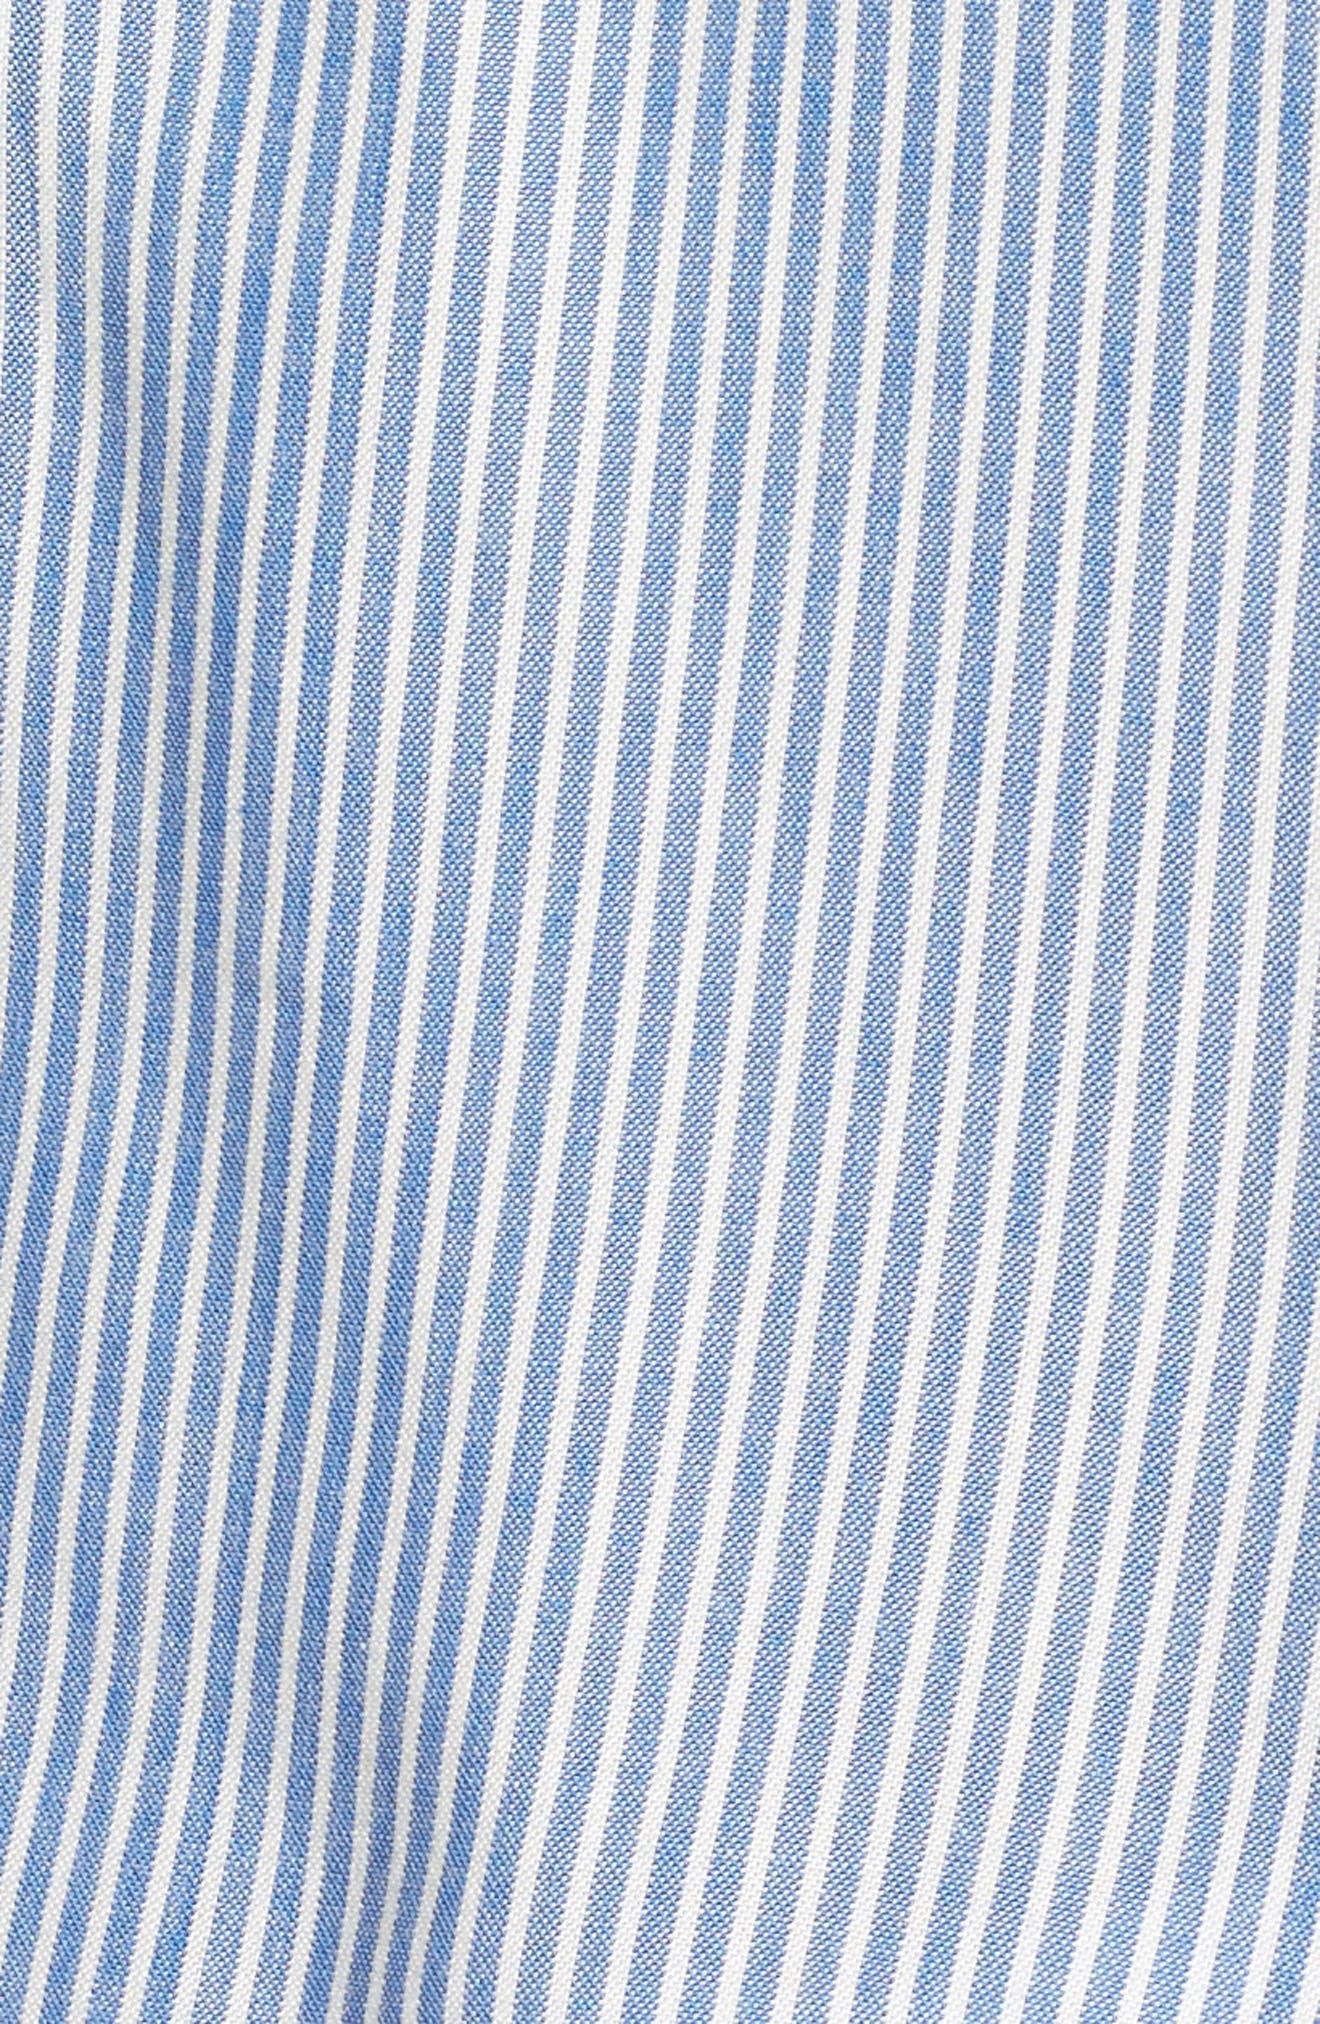 Eden Cold Shoulder Halter Top,                             Alternate thumbnail 5, color,                             Blue Stripe